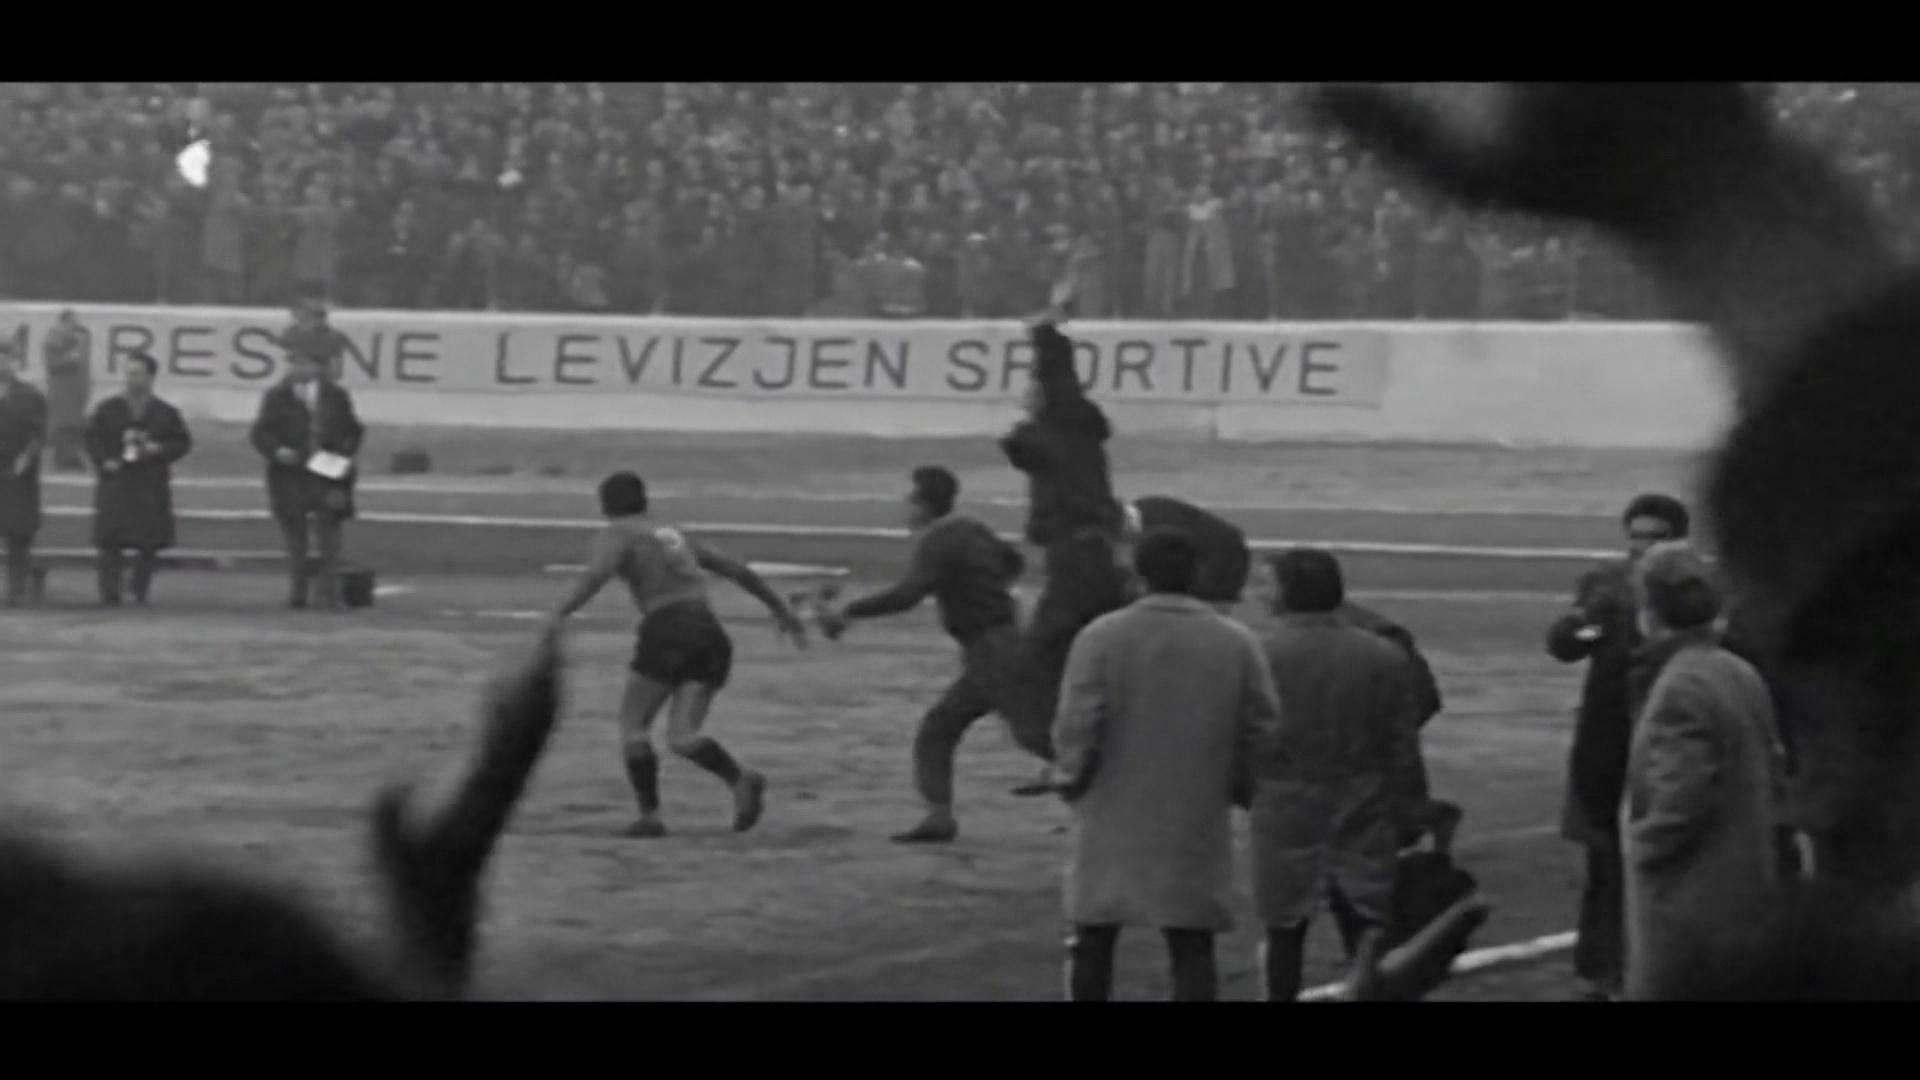 Zbulohet kronika humoristike në TV gjerman pas eleminimit nga Shqipëria në 1968